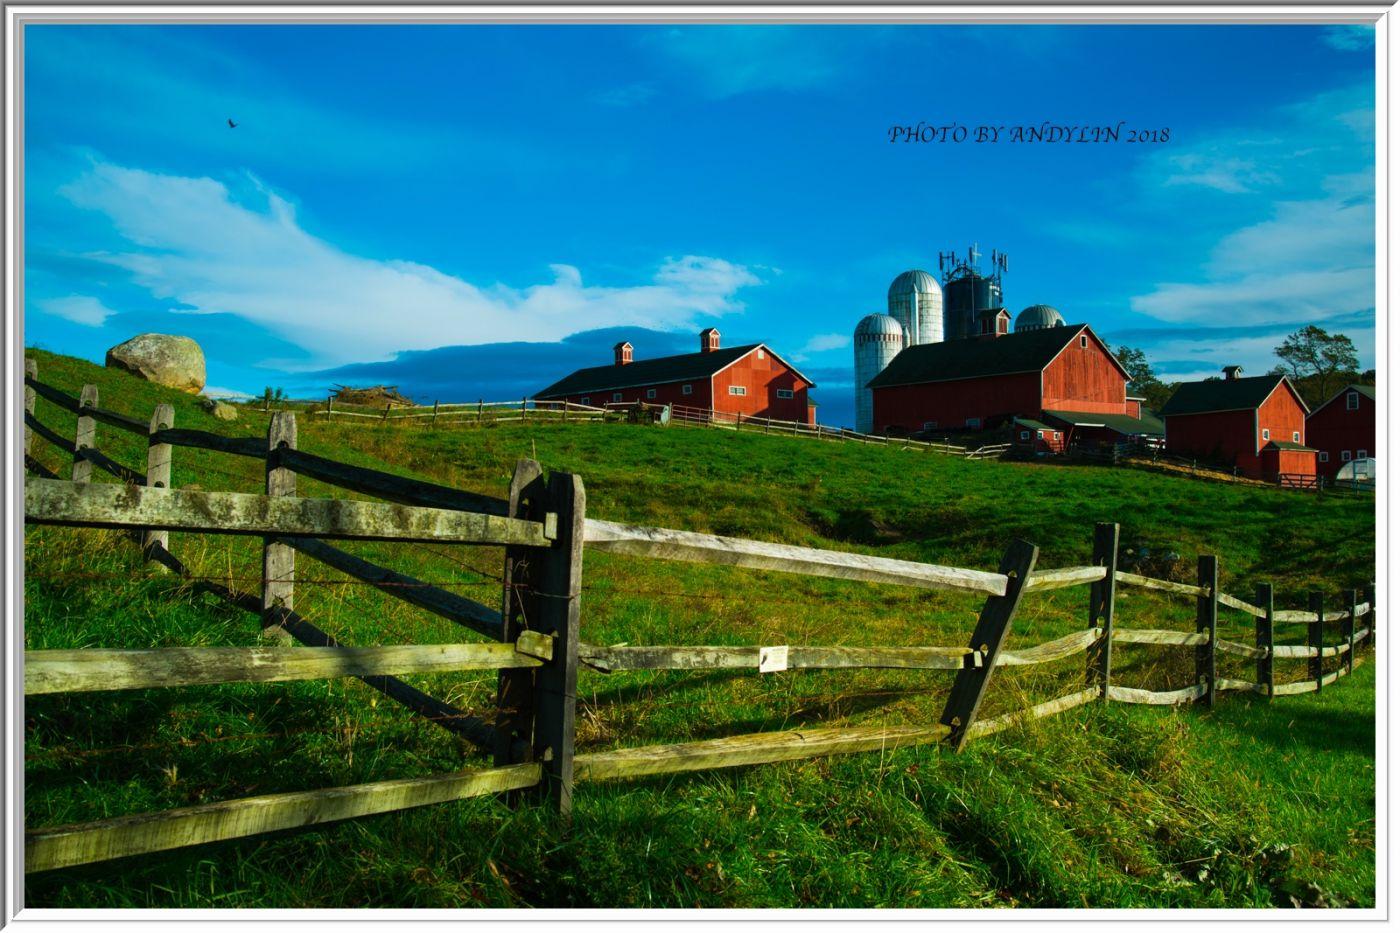 金秋的新英格兰风光,如同童话般的世界_图1-2